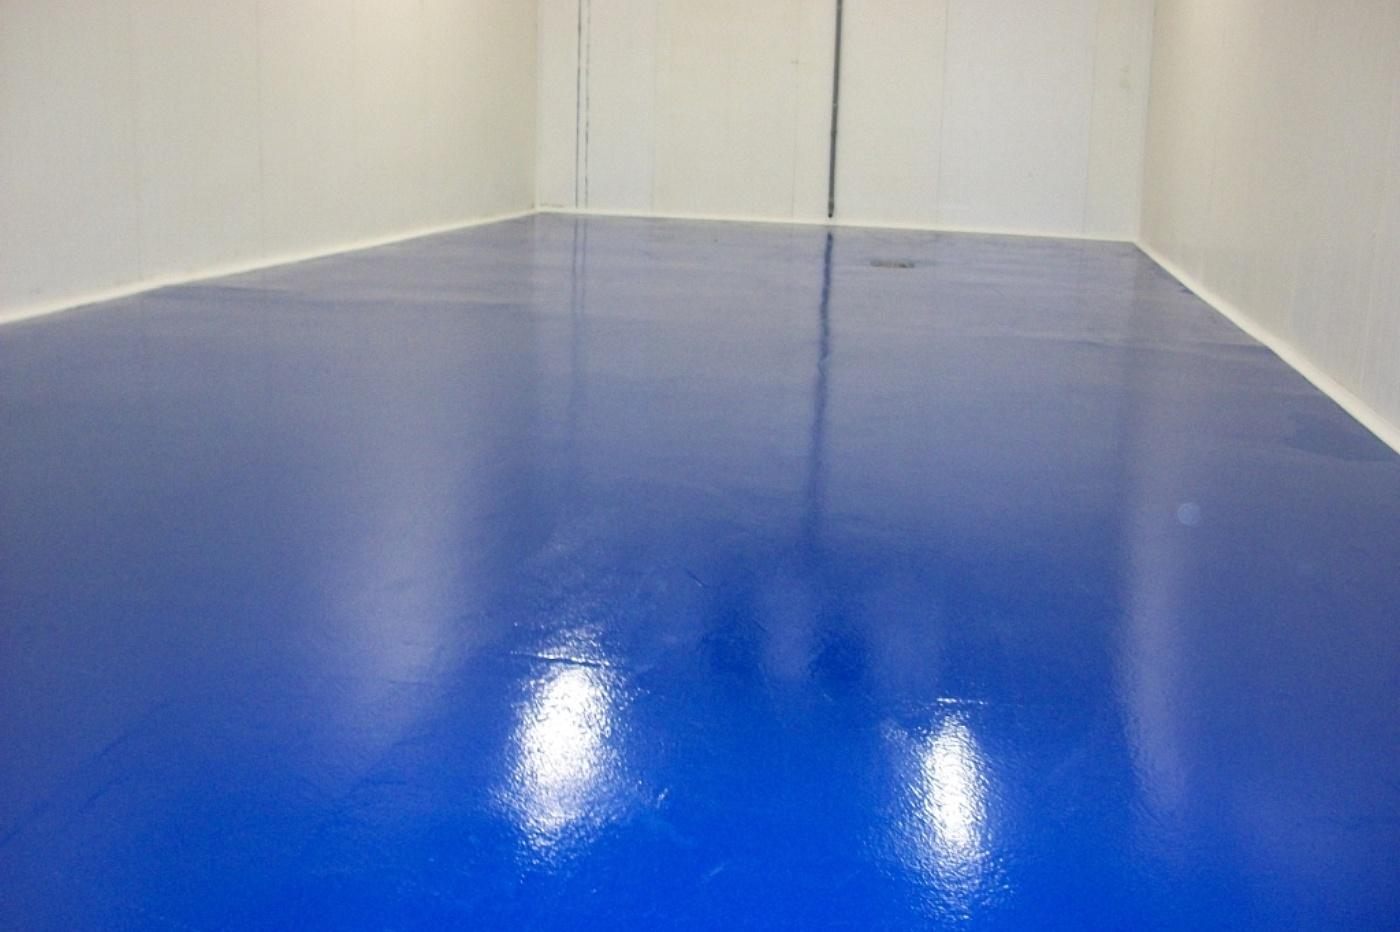 Pavimenti Industriali In Resina Epossidica : Isolamento termico pareti interne resina epossidica per pavimenti